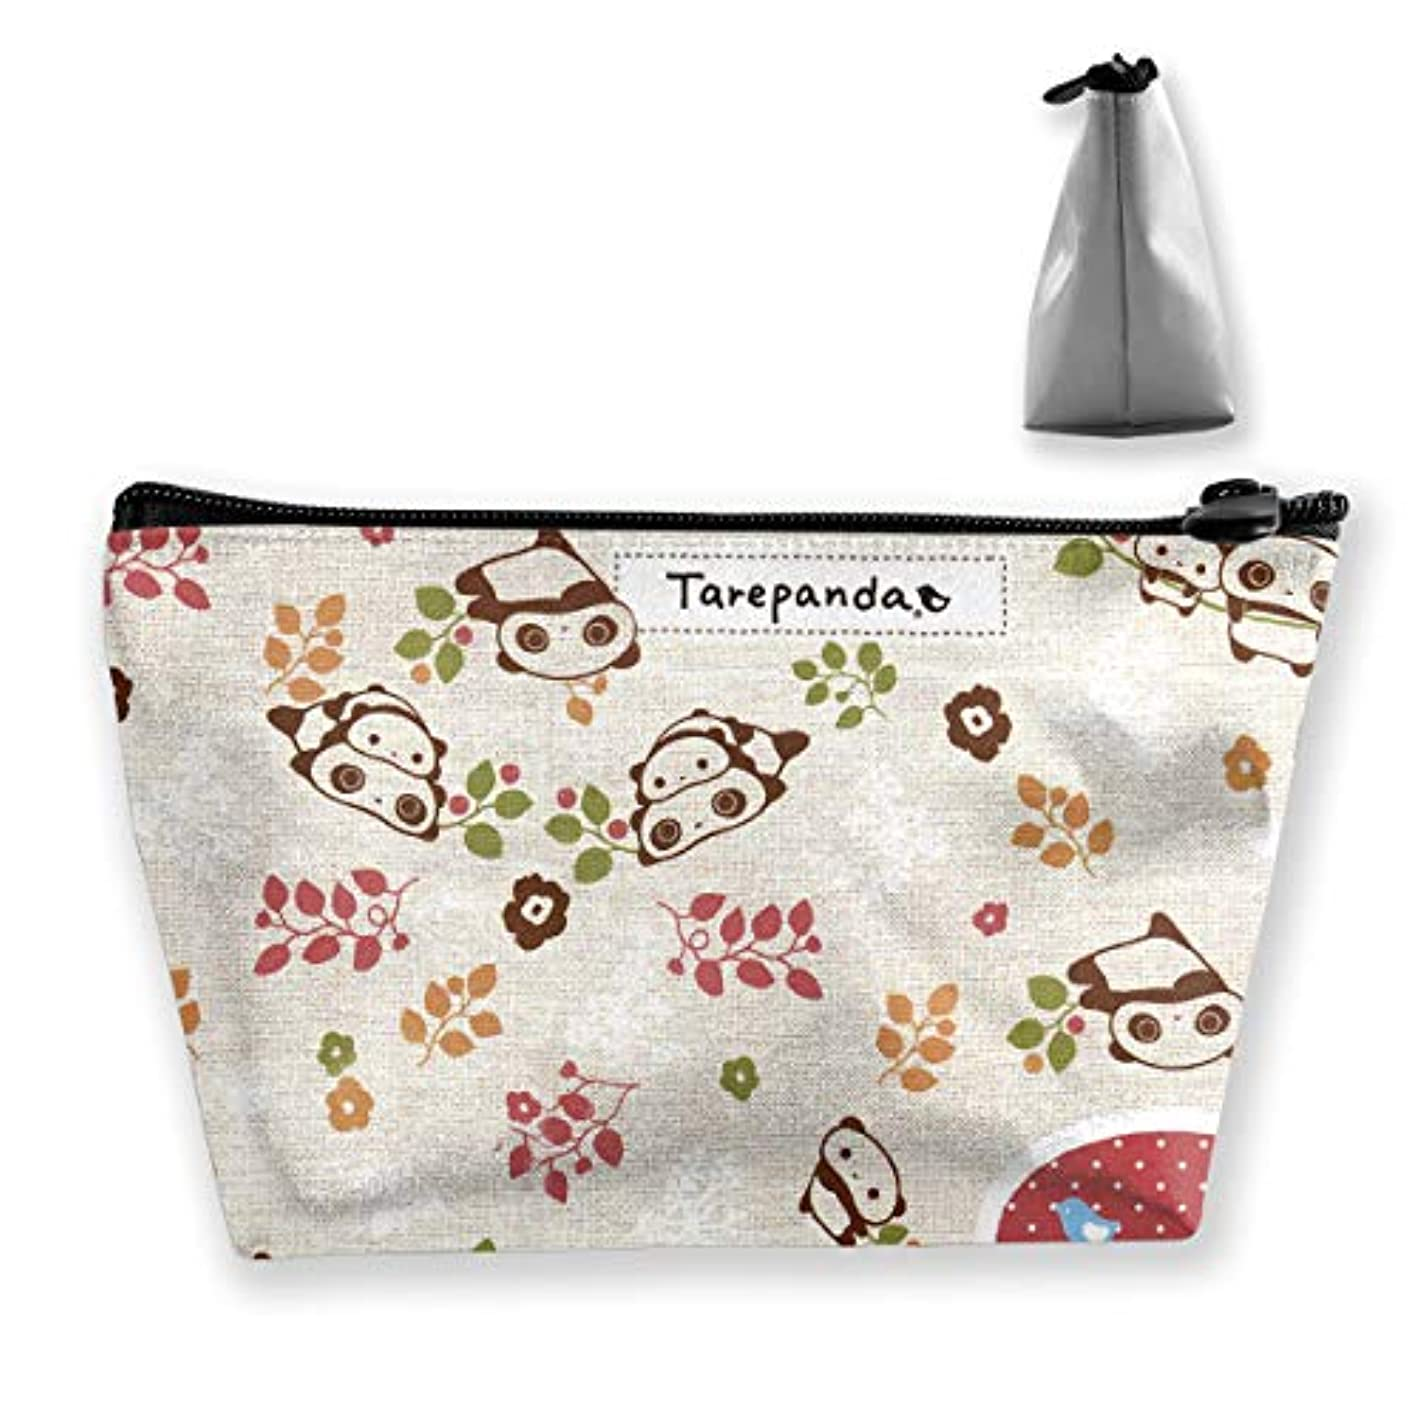 染色受動的骨折タレパンダ 化粧ポーチ メイクポーチ コスメポーチ 化粧品収納 軽い 軽量 防水 出張 旅行も便利 小物入れ 携帯便利 多機能 バッグ 小さな化粧品の袋